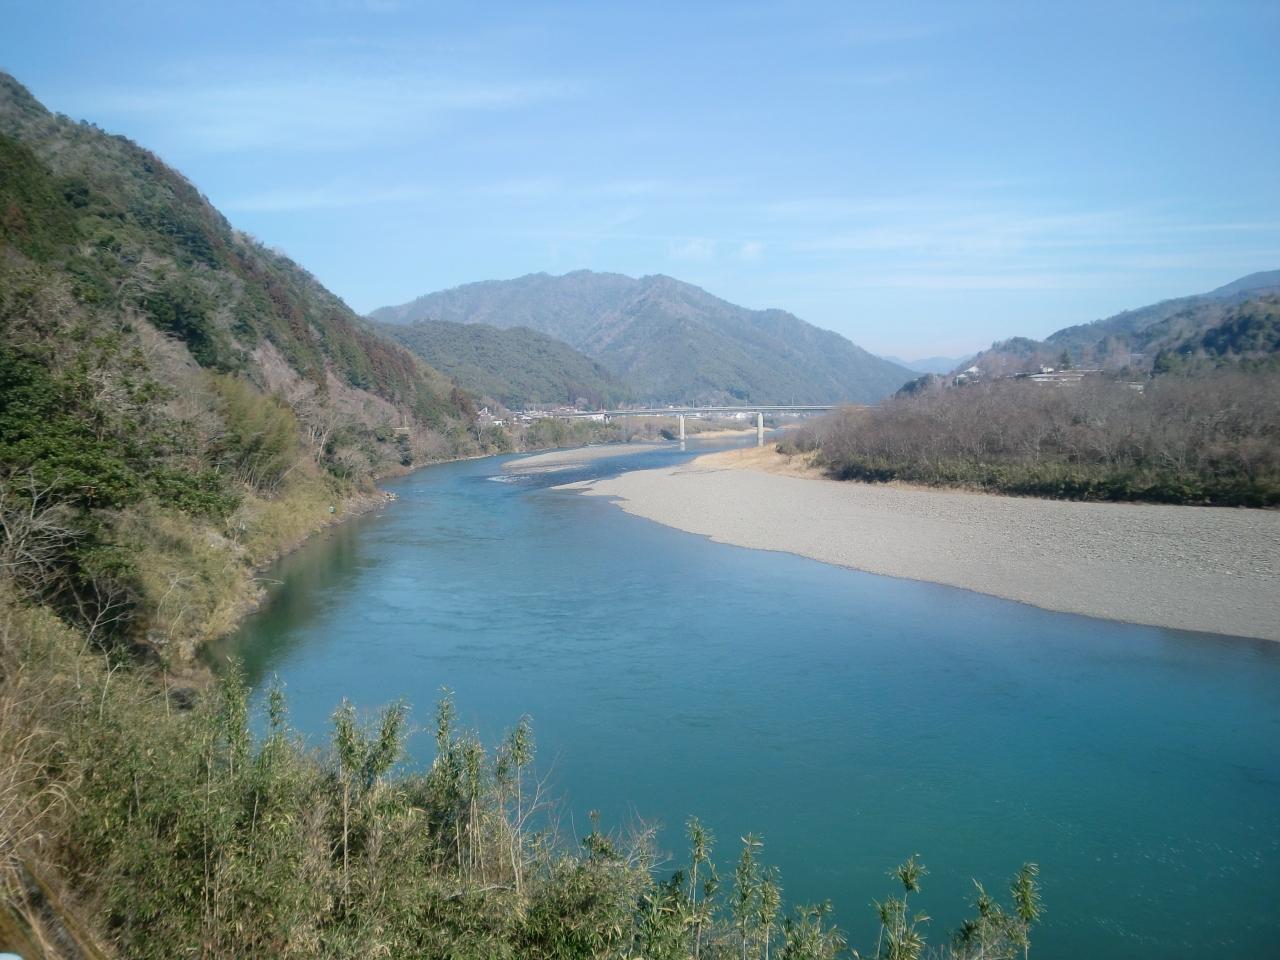 バースデイきっぷを使用した四国旅行 江川崎でレンタサイクル